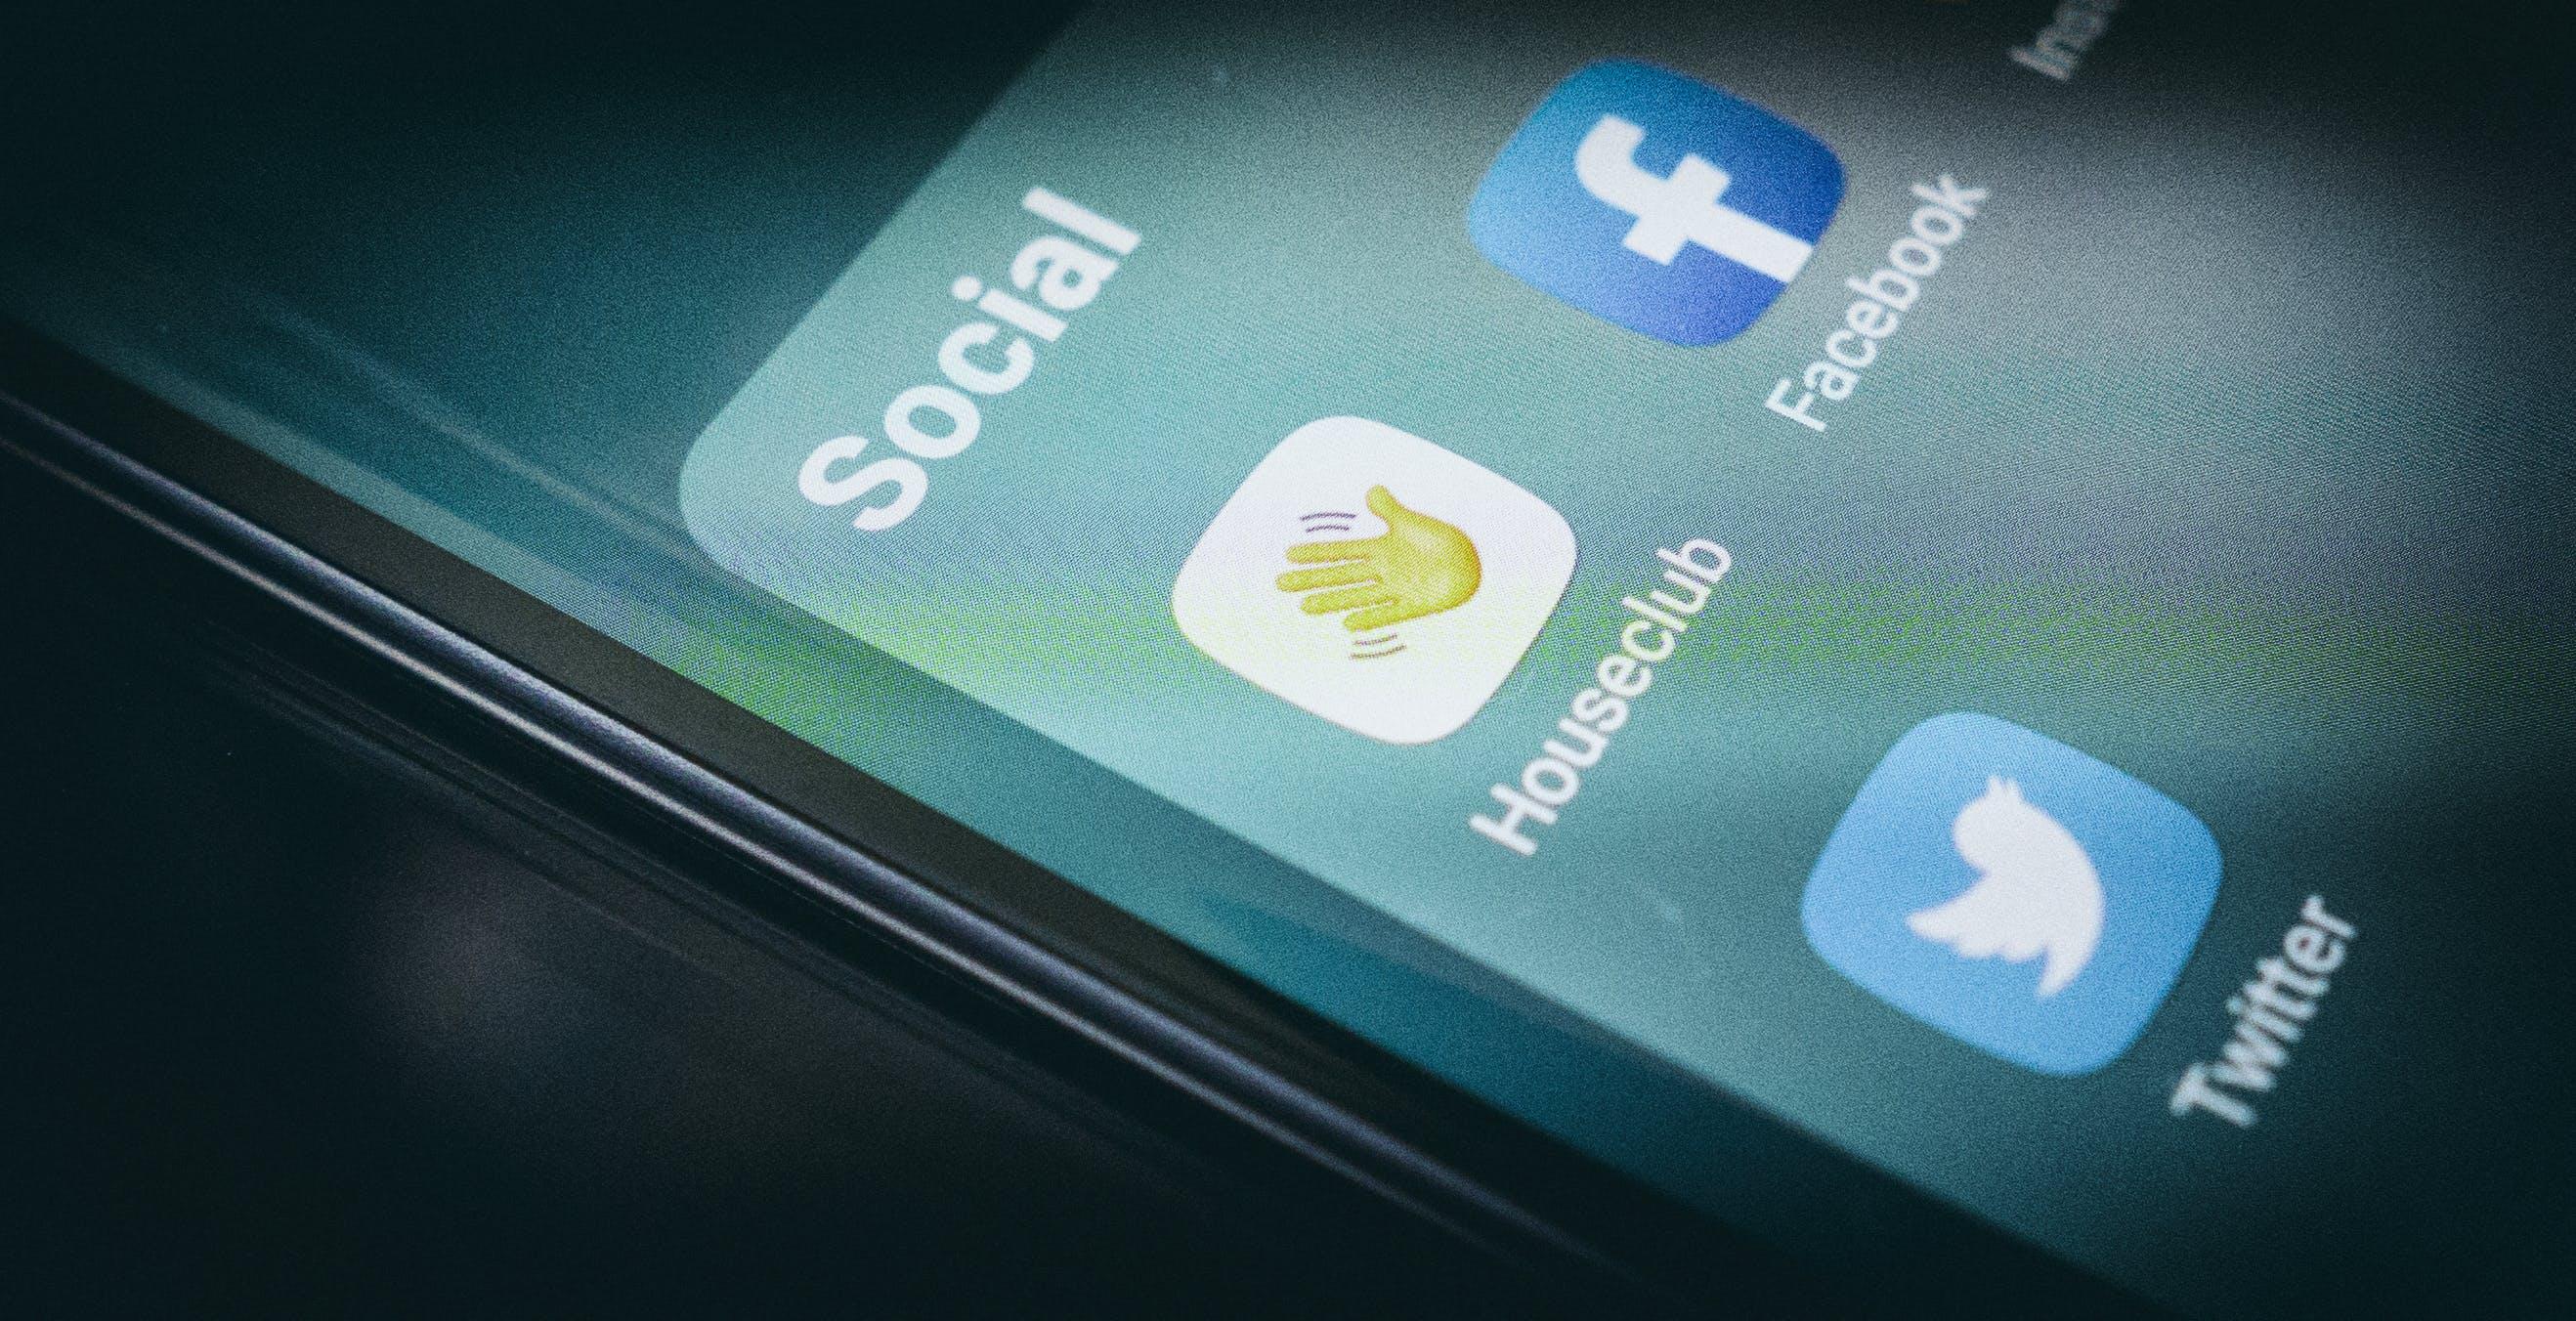 Clubhouse per Android, la versione non ufficiale esiste, è opensource e funziona. L'abbiamo provata